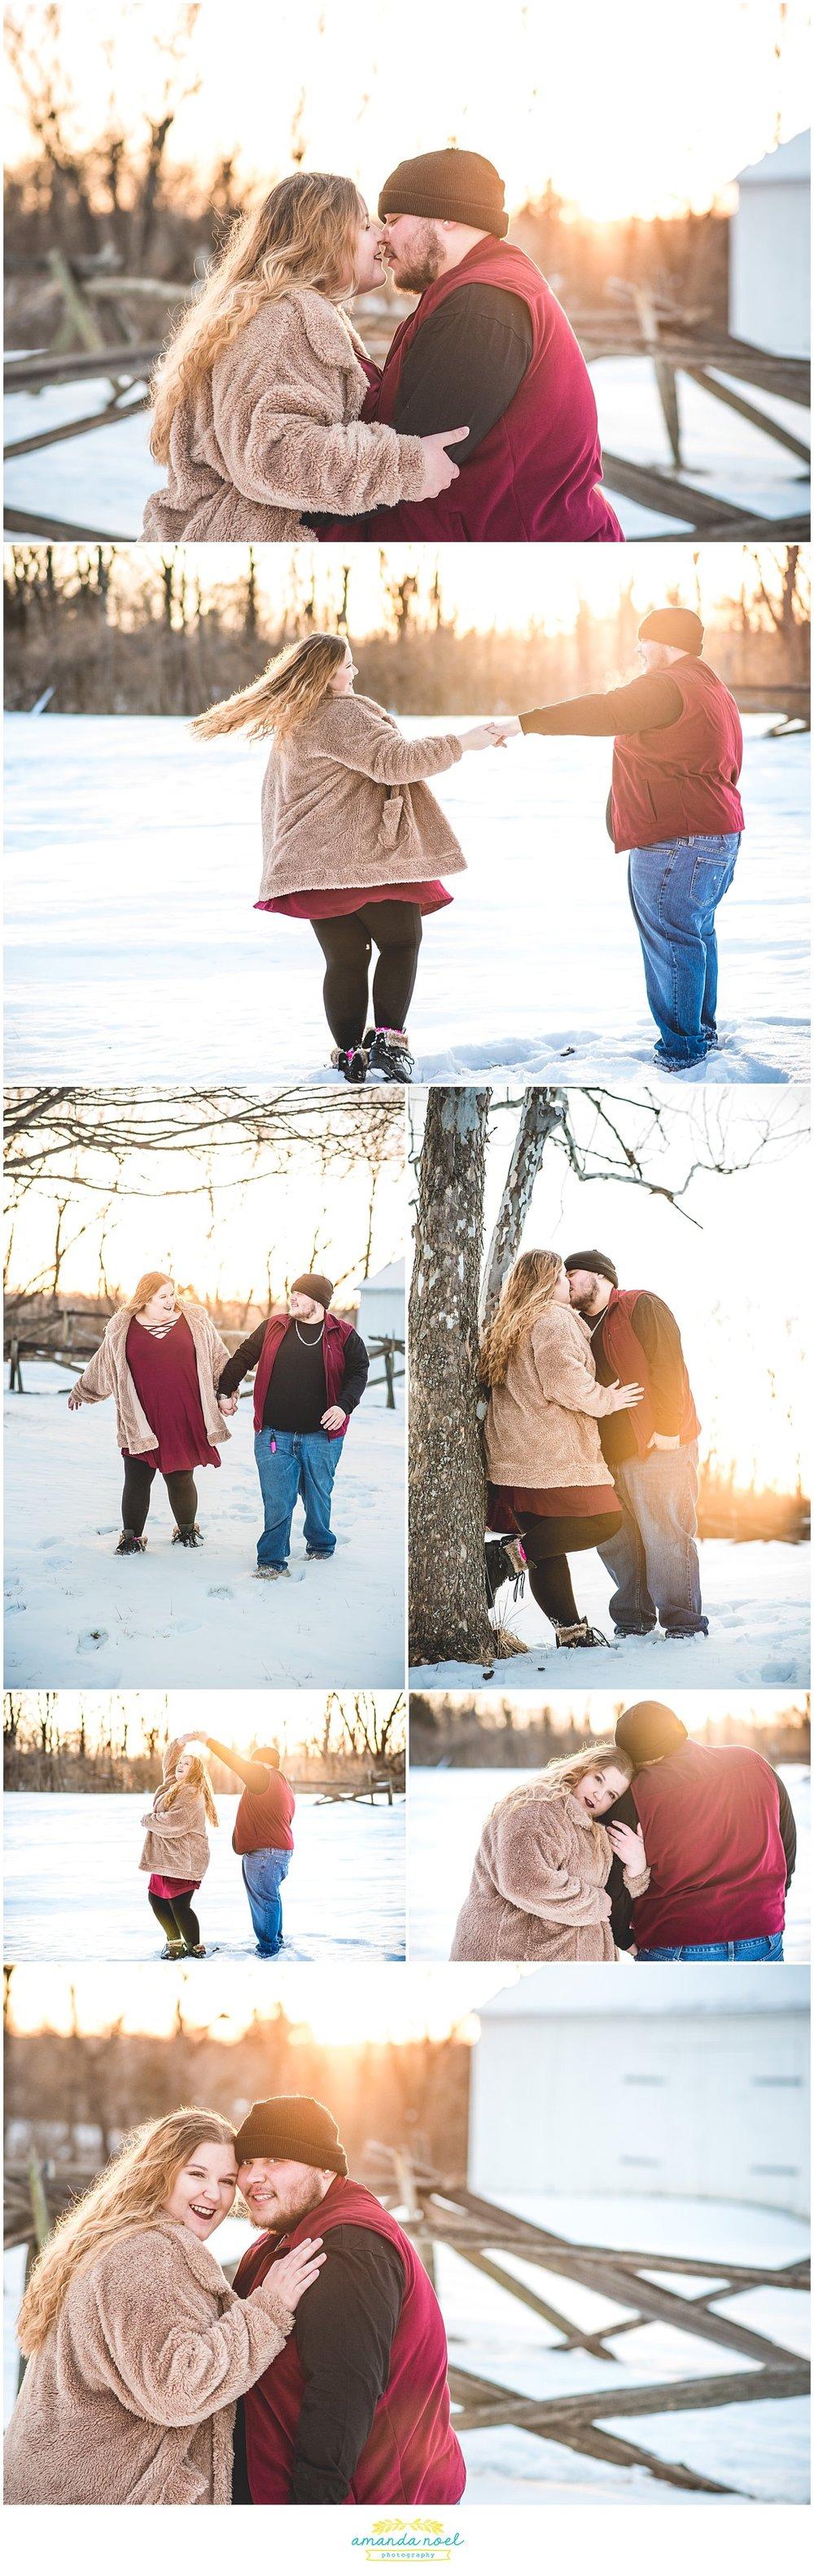 Dayton Ohio Wedding Photographer | sunrise snowy engagement session